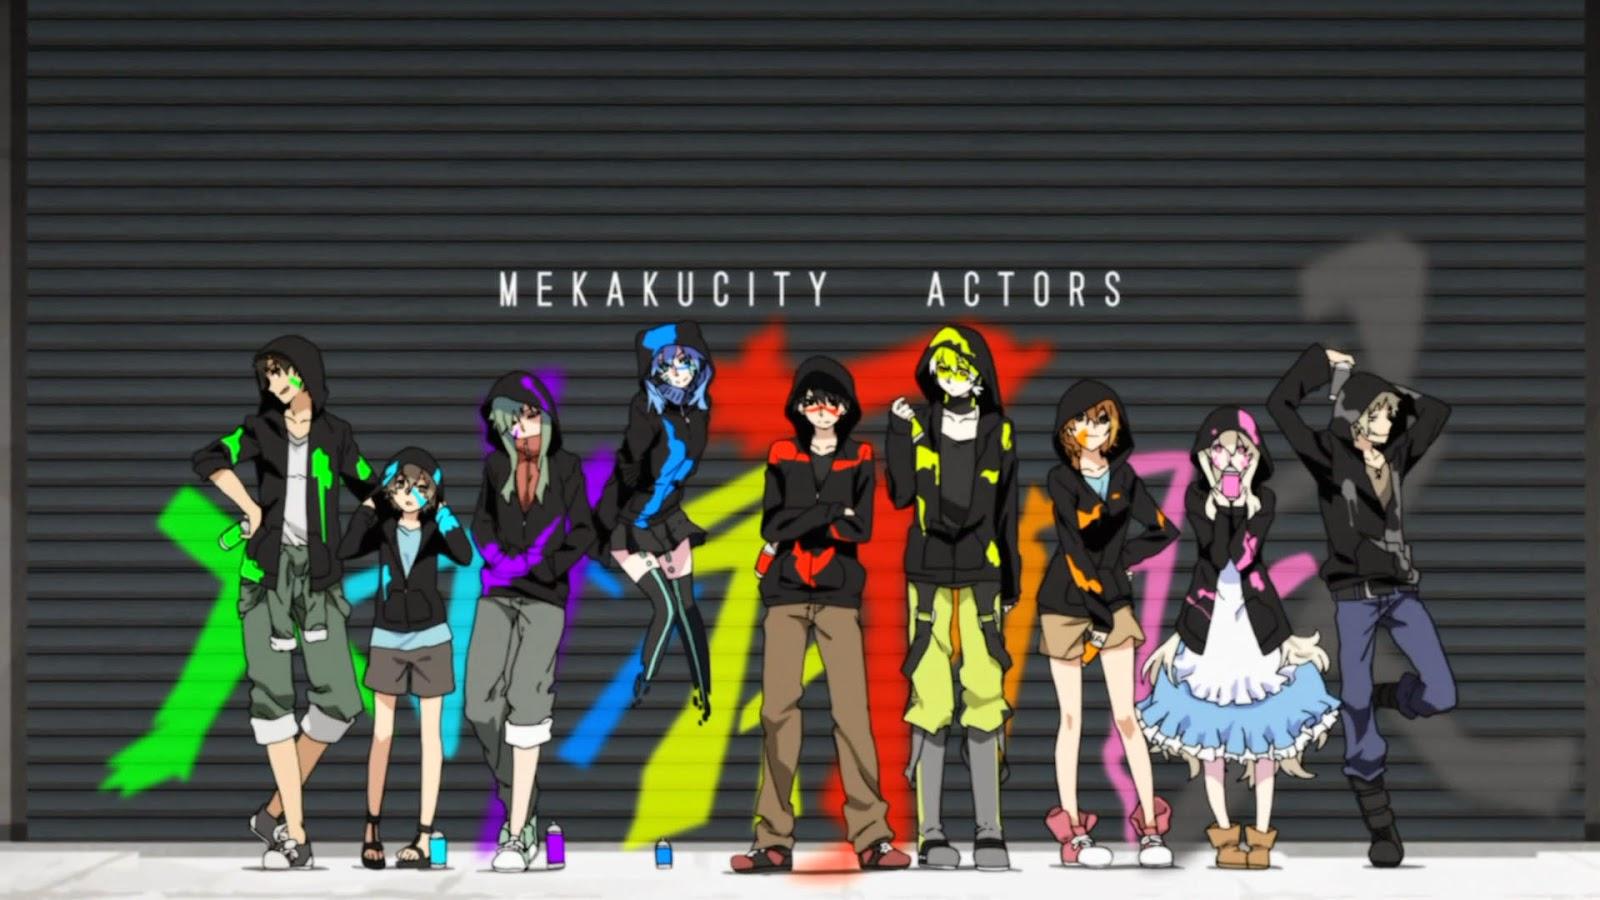 Download Tema Windows 7 Mekakucity Actors